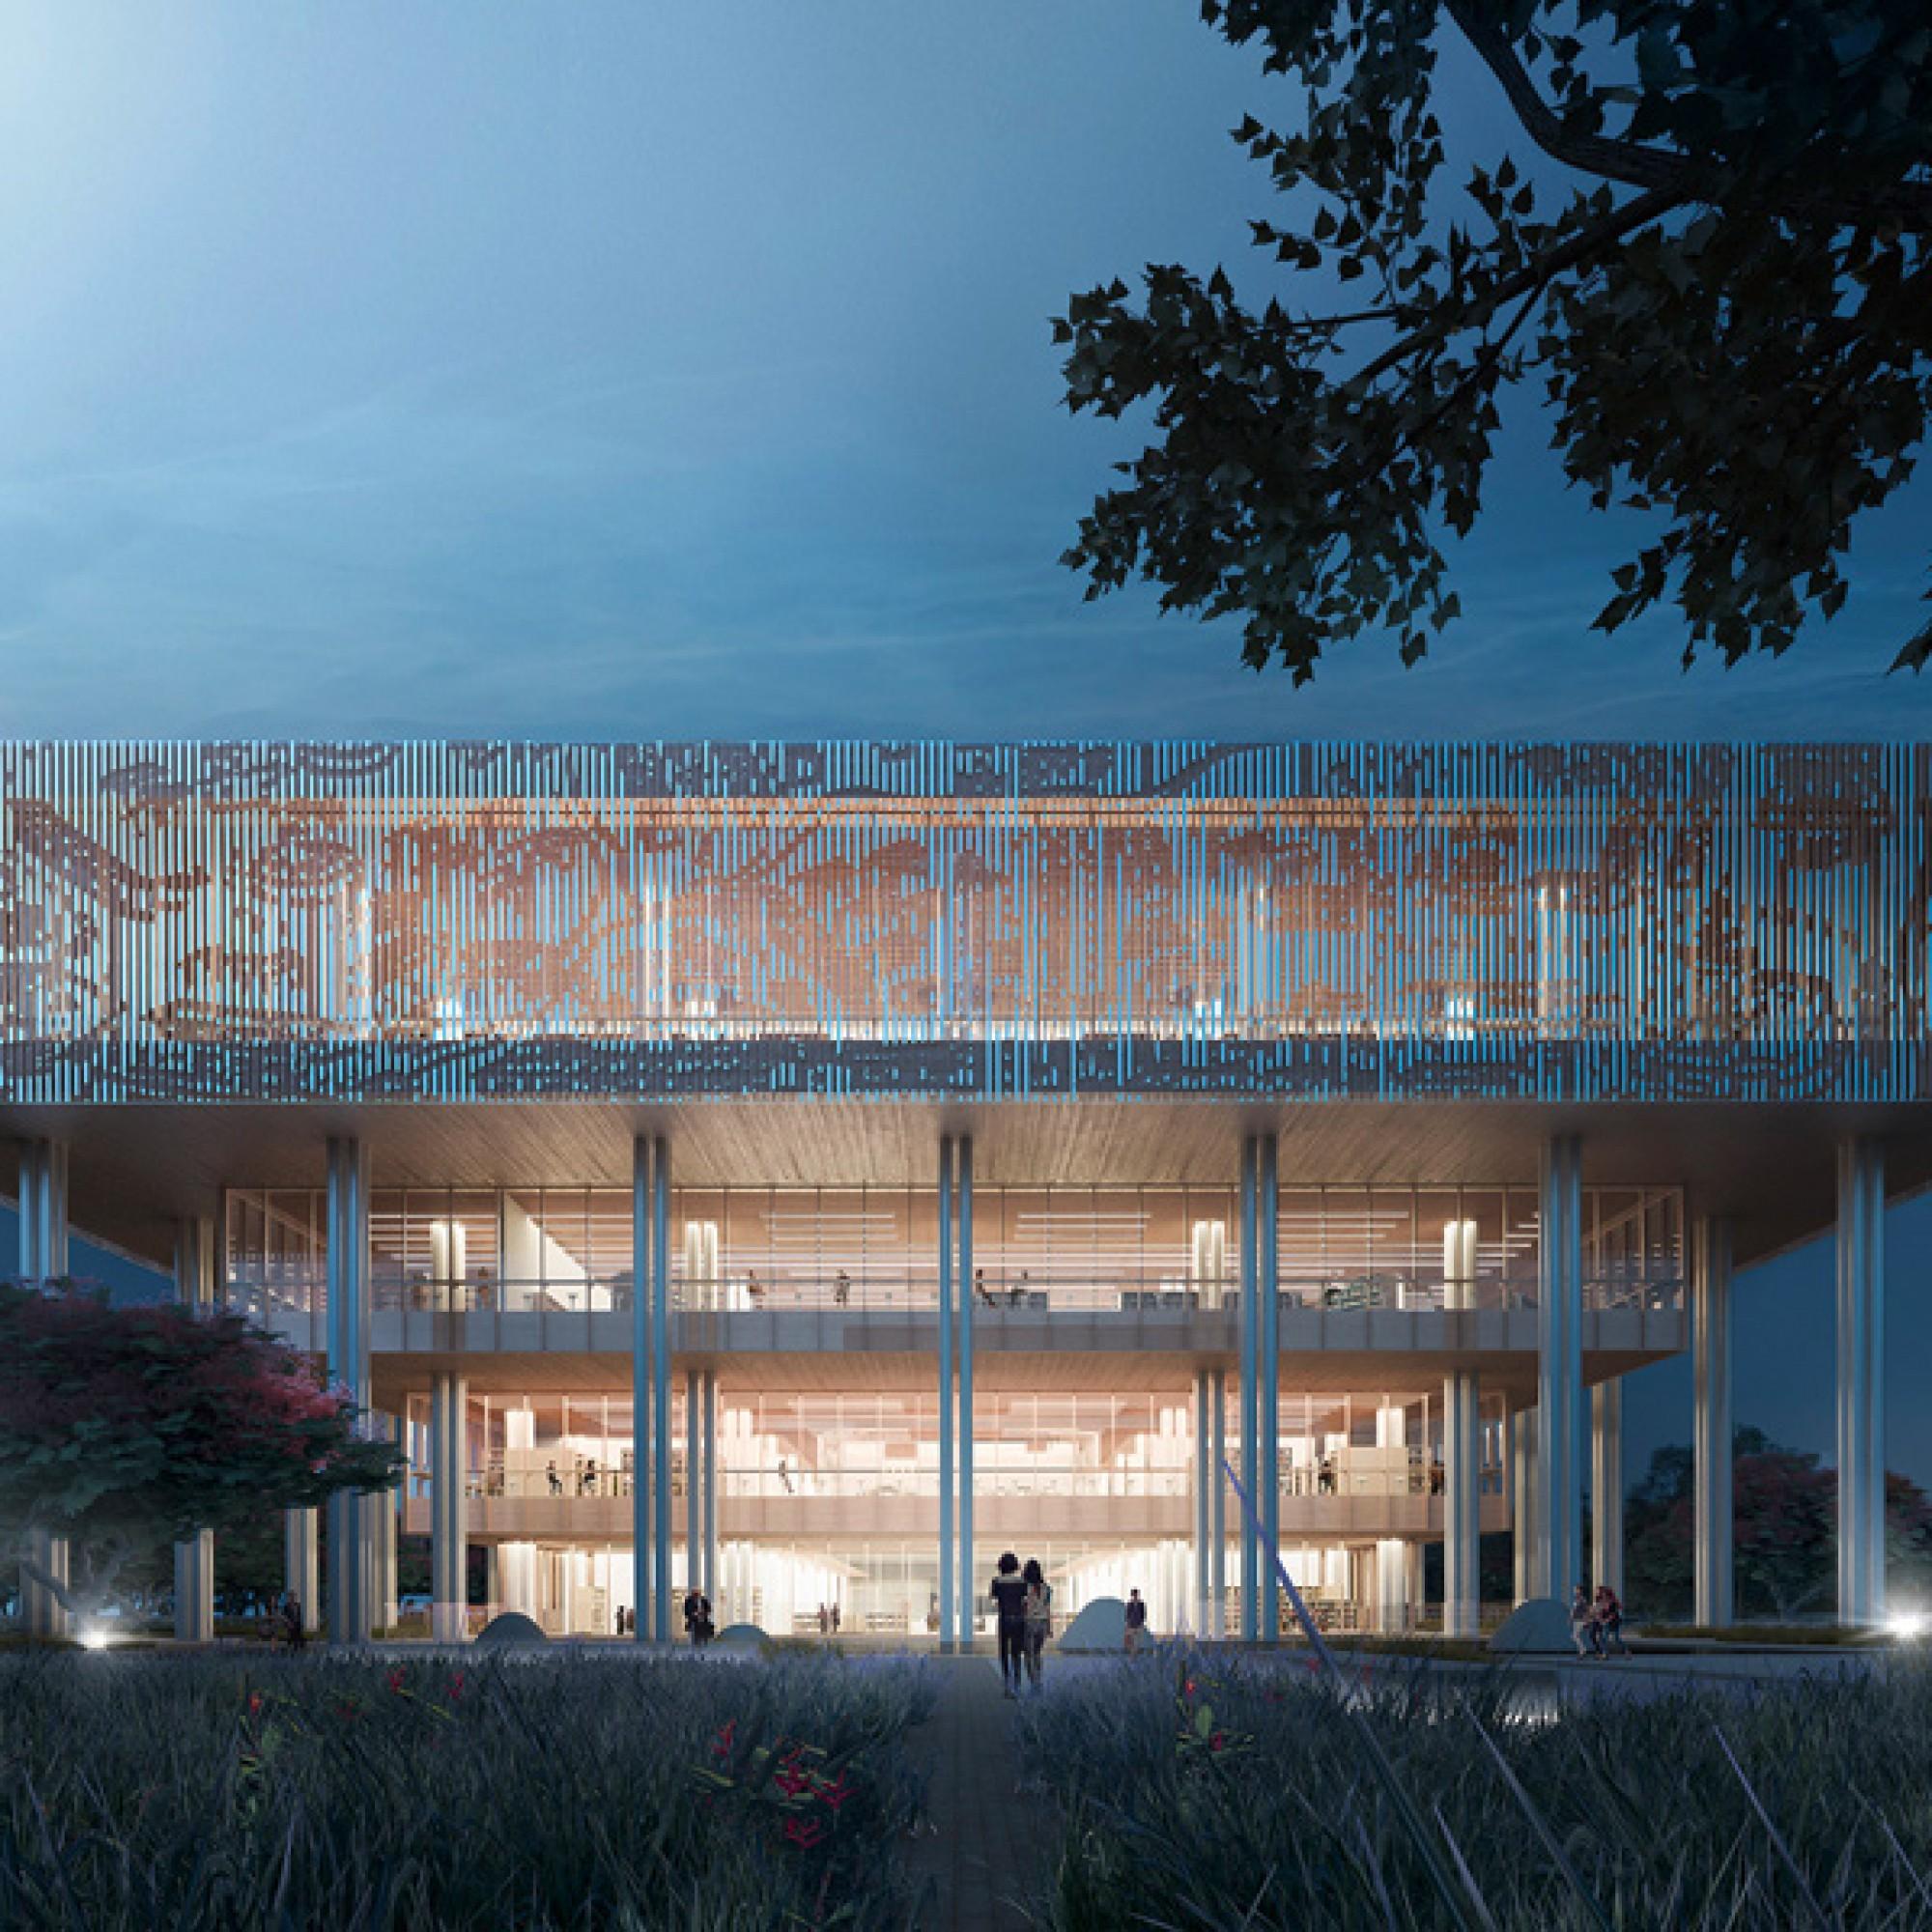 Je nach Lichteinfall ist der historische, stilisierte Stadtplan im oberen Bereich der Fassade... (zvg) 1/4